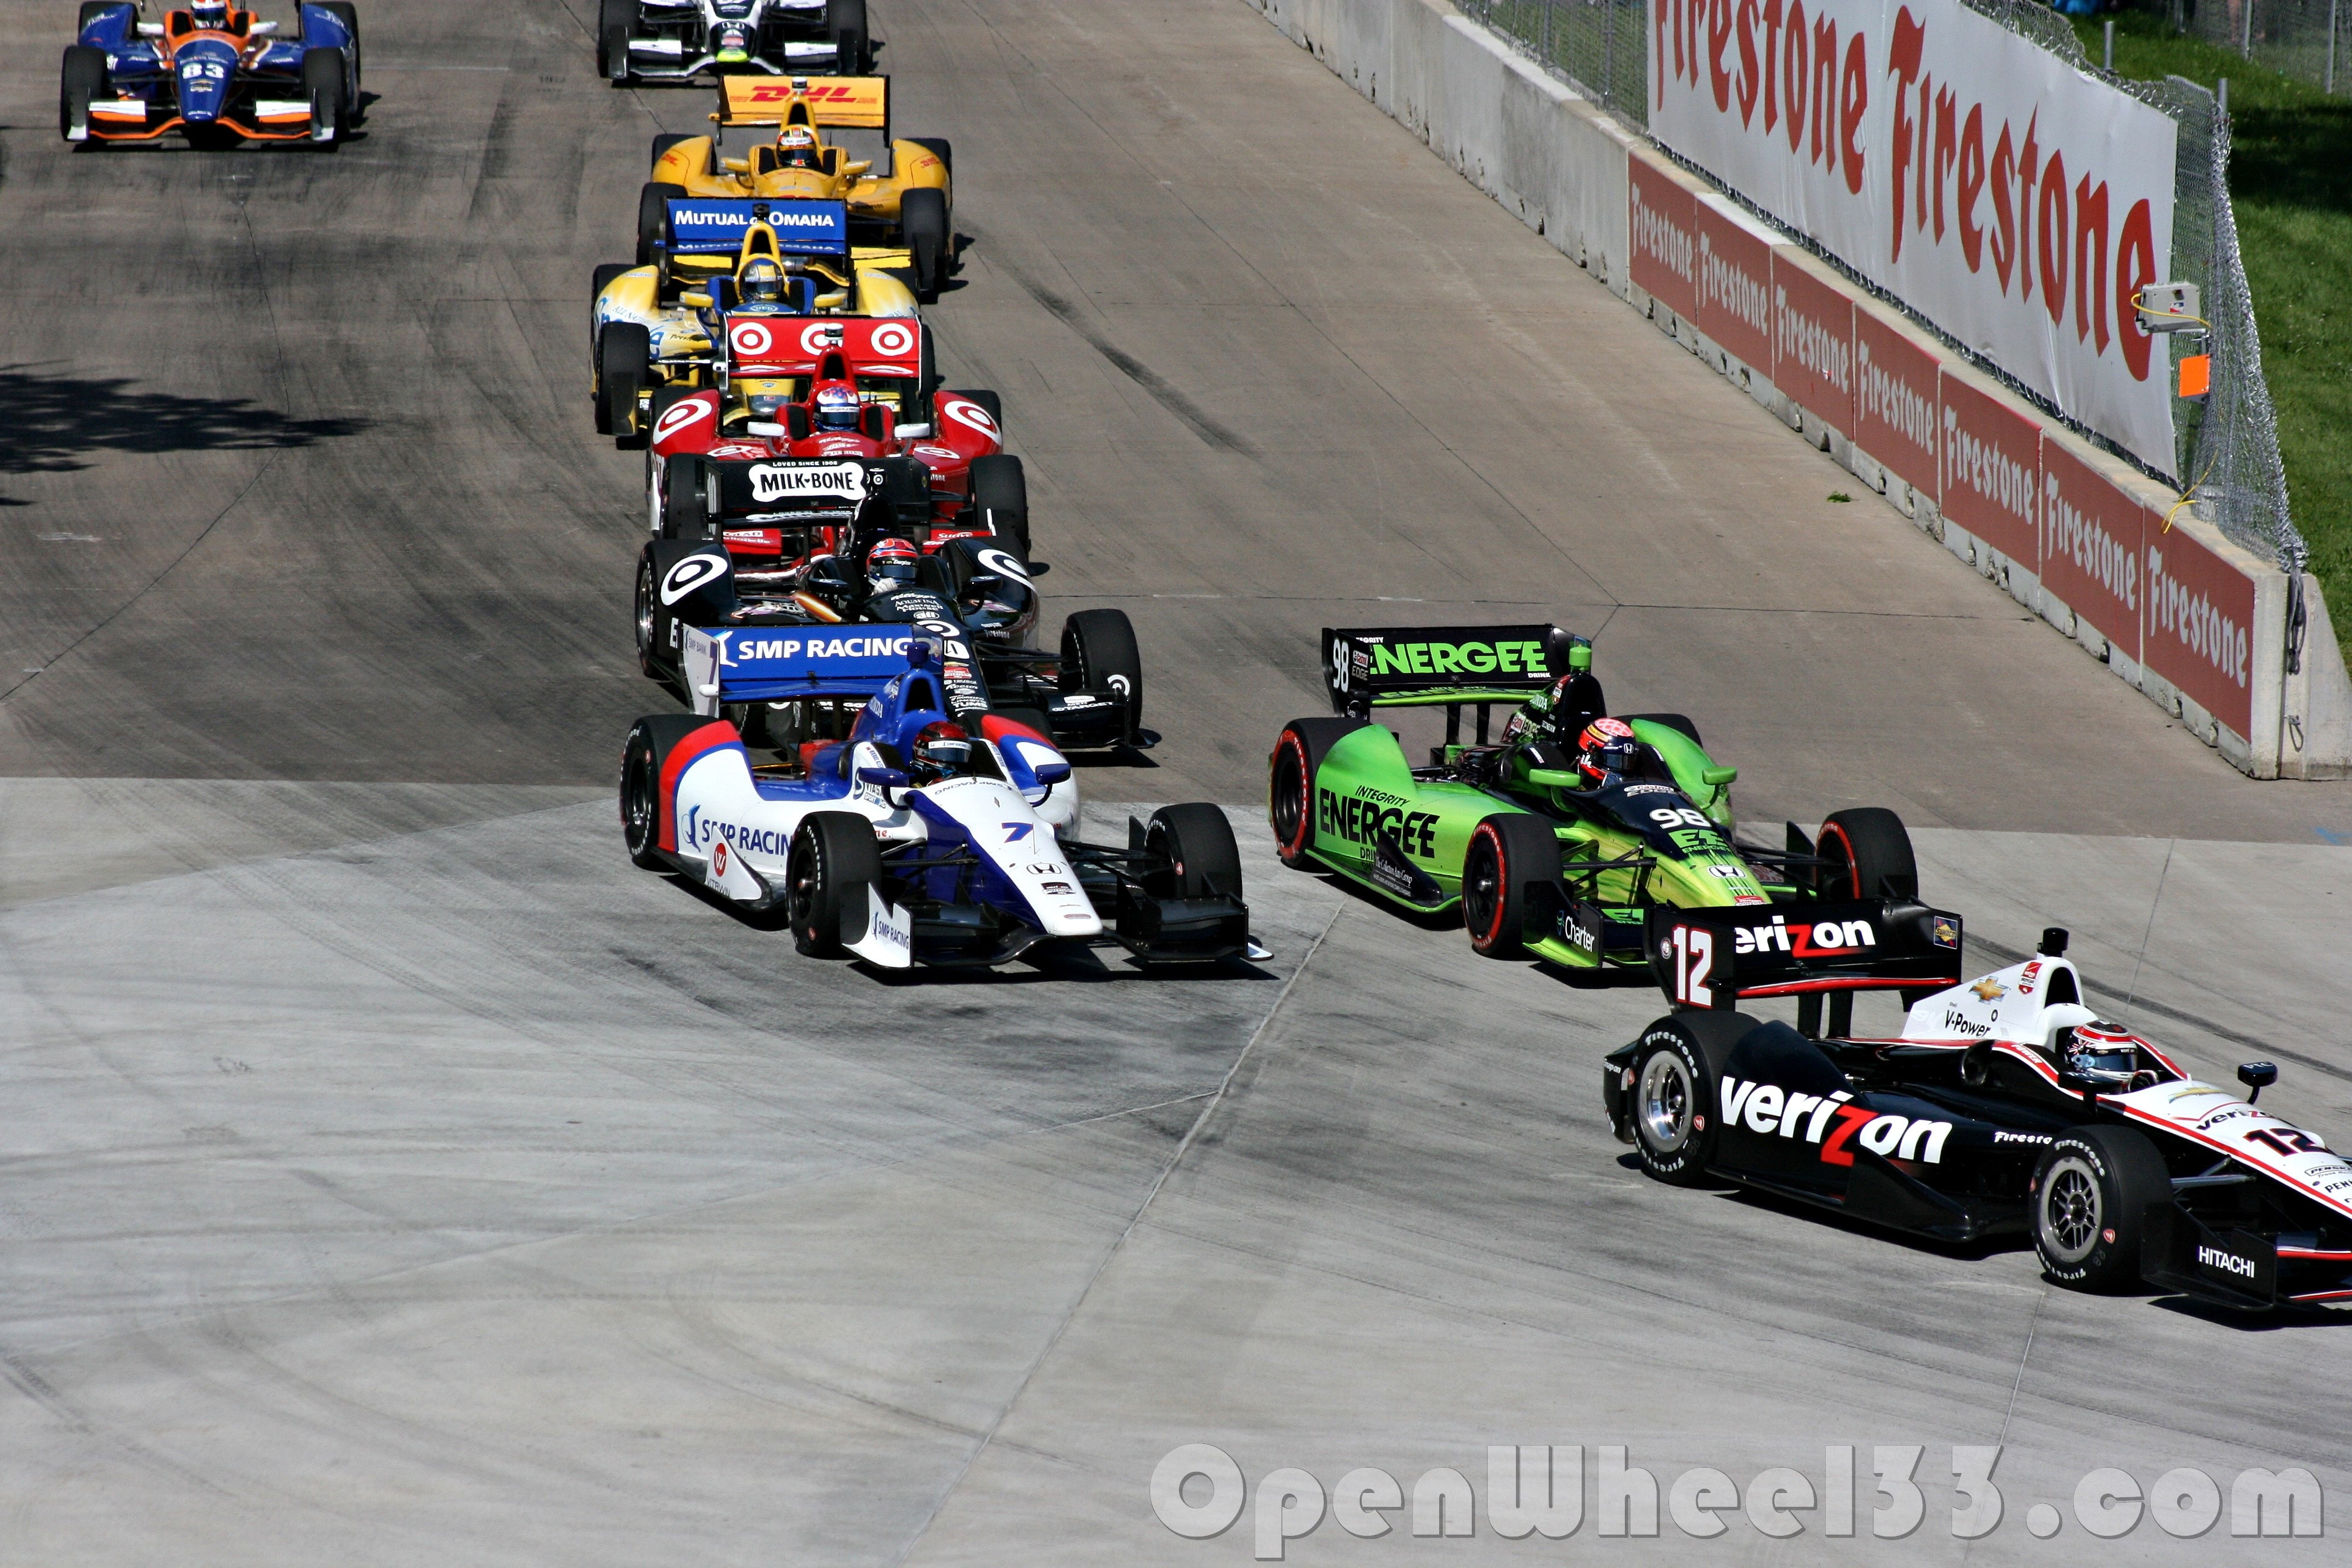 2014 Detroit GP R2 - 19 - PH